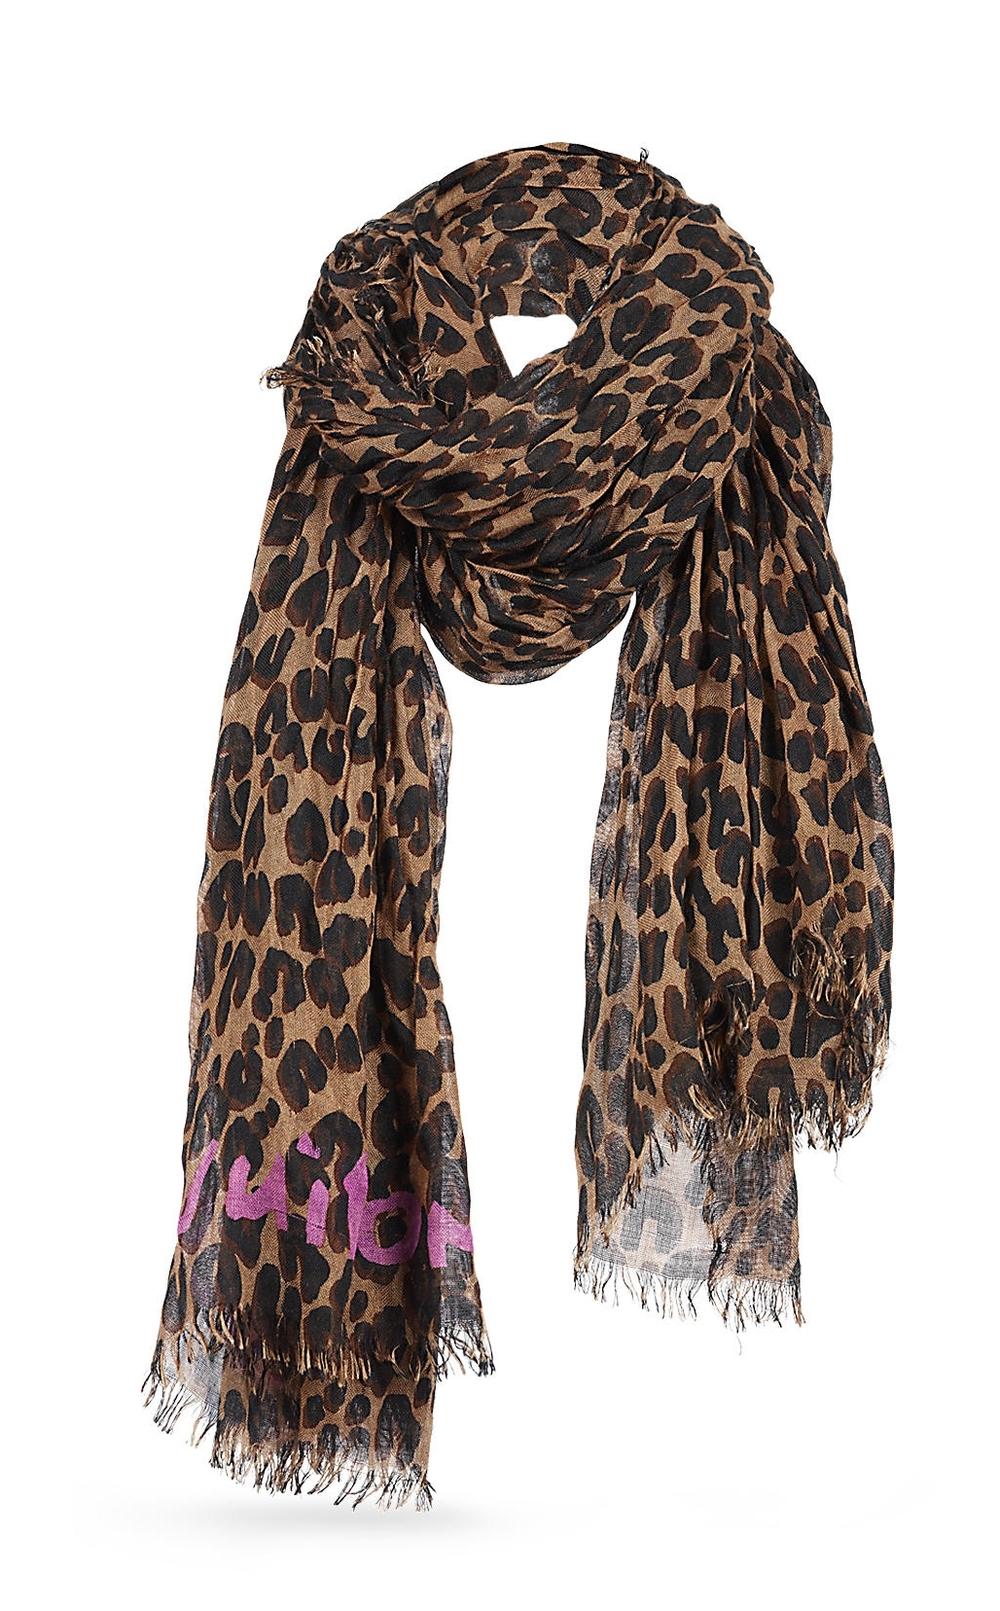 louis-vuitton-leopard-stole-scarves-shawls-more--M72215_PM2_Front view.jpg